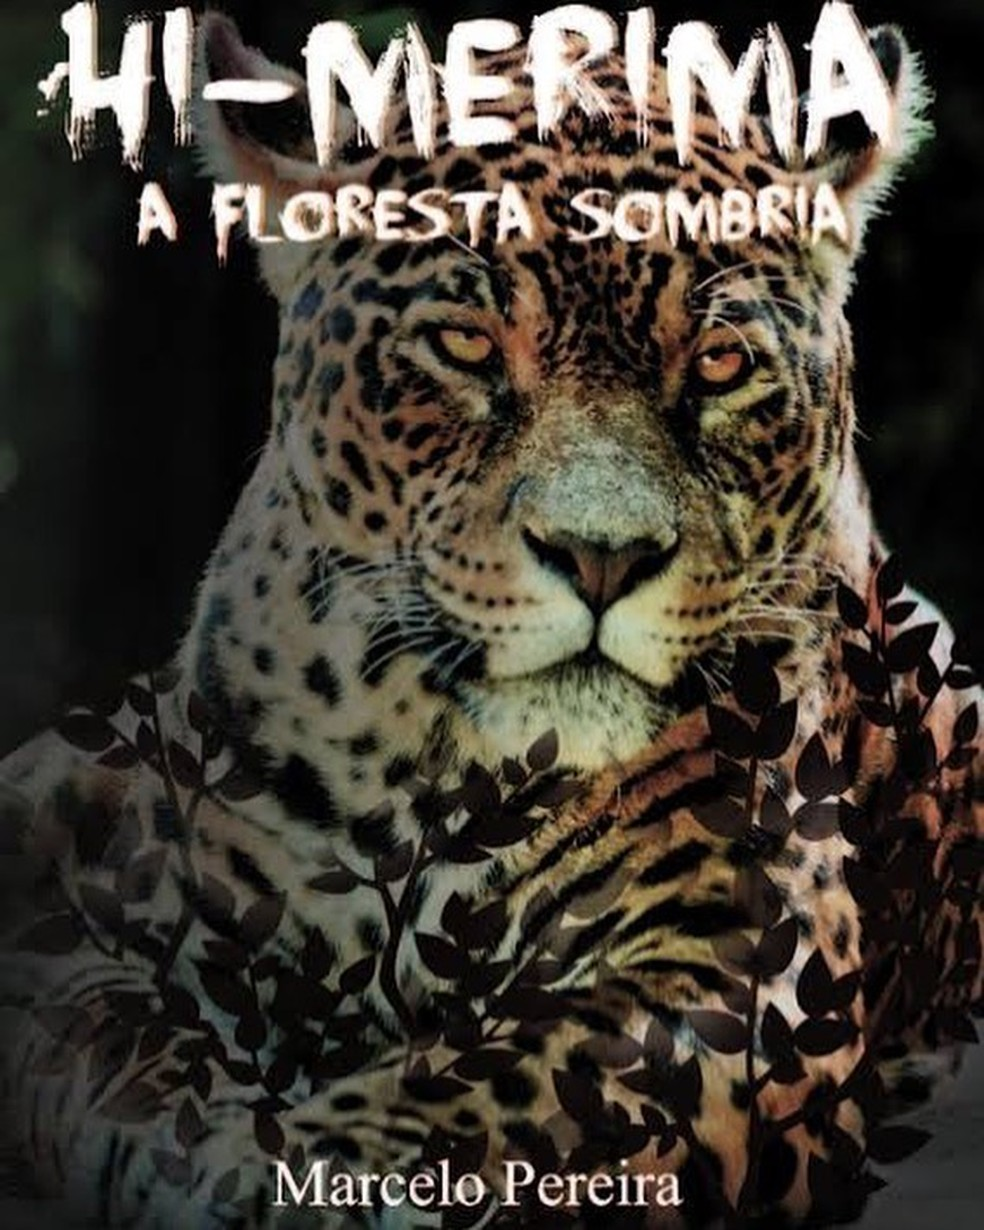 Estudante de biologia, Marcelo encontrou na literatura uma forma de proteger a natureza — Foto: Divulgação/Hi-Merimã - A floresta sombria